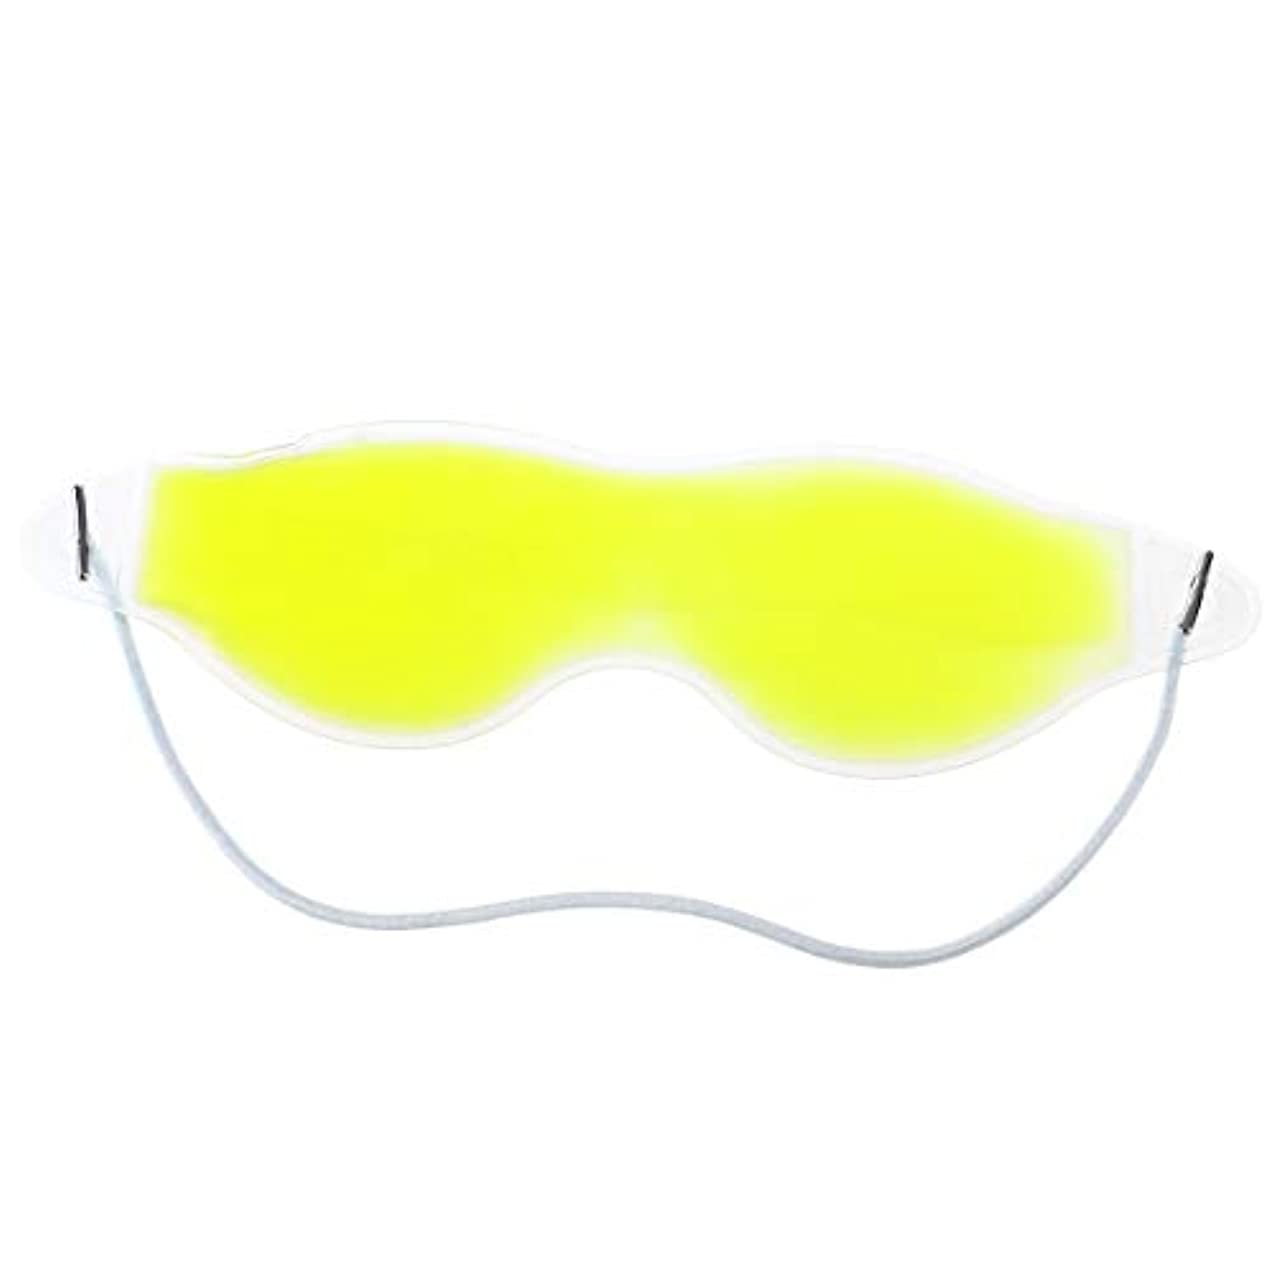 消去運動意図するARTLILY ジェルアイマスクアイスコールドパックまたはホットパックアイリラクゼーションセラピーマスク - 眠りを改善し、腫れぼったい、目の腫れ、疲労、頭痛、緊張を改善(黄色)